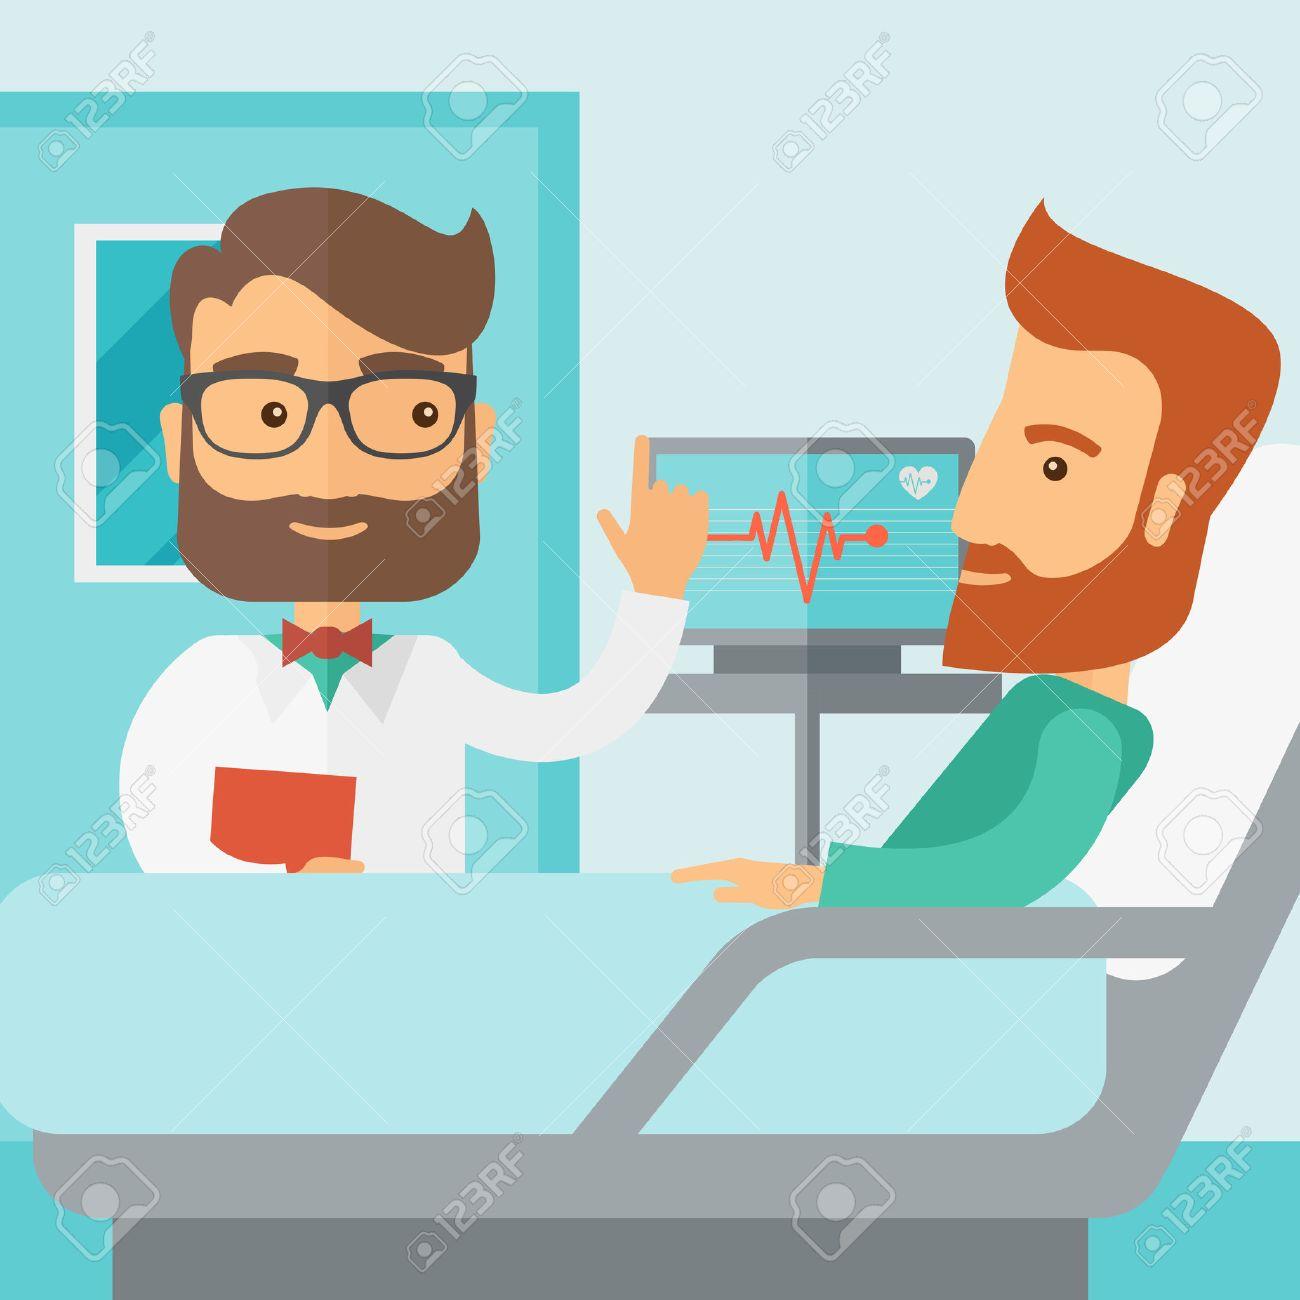 Un patient caucasien médicale traitée par un médecin expert dans une chambre d'hôpital. Style contemporain avec le pastel palette, doux fond teinté bleu. Vector design plat illustrations. Plan carré. Banque d'images - 42646403